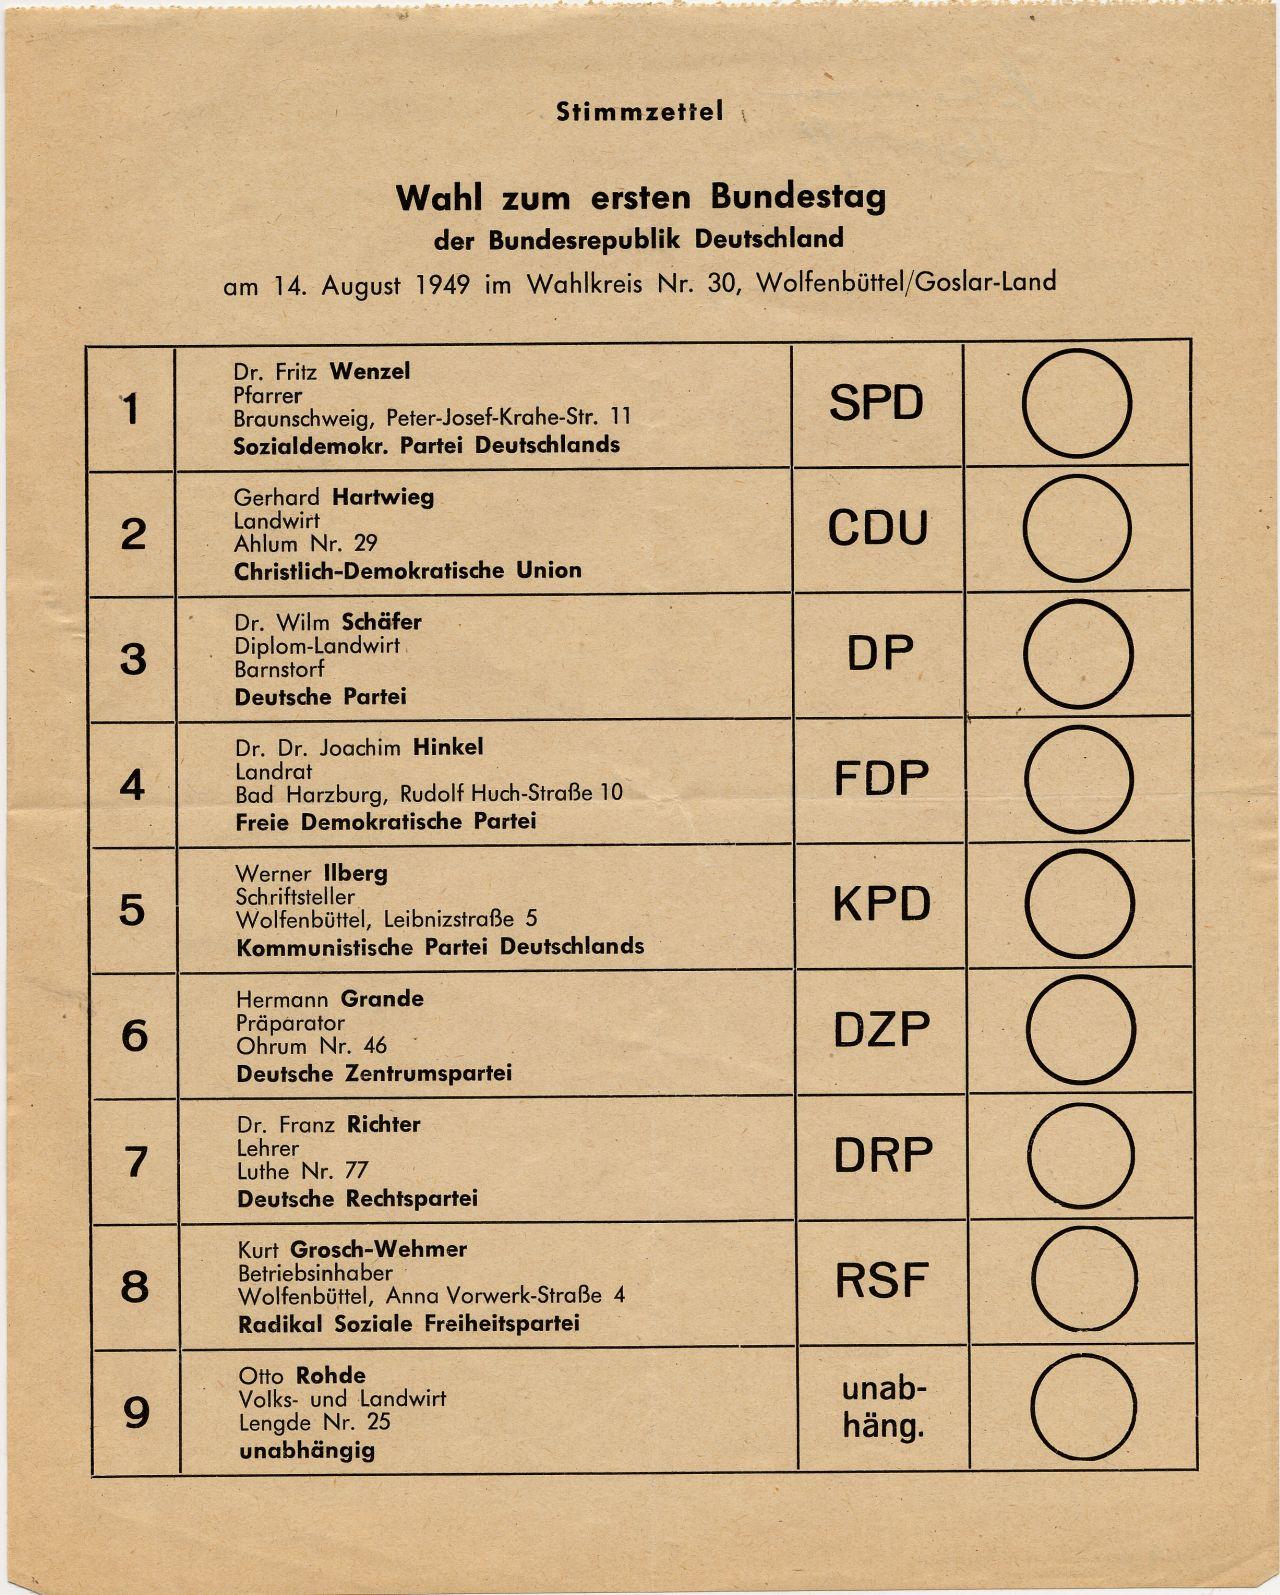 Abgebildet ist ein Stimmzettel zur ersten Bundestagswahl am 14. August 1949 für den Wahlkreis Wolfenbüttel/Goslar-Land.